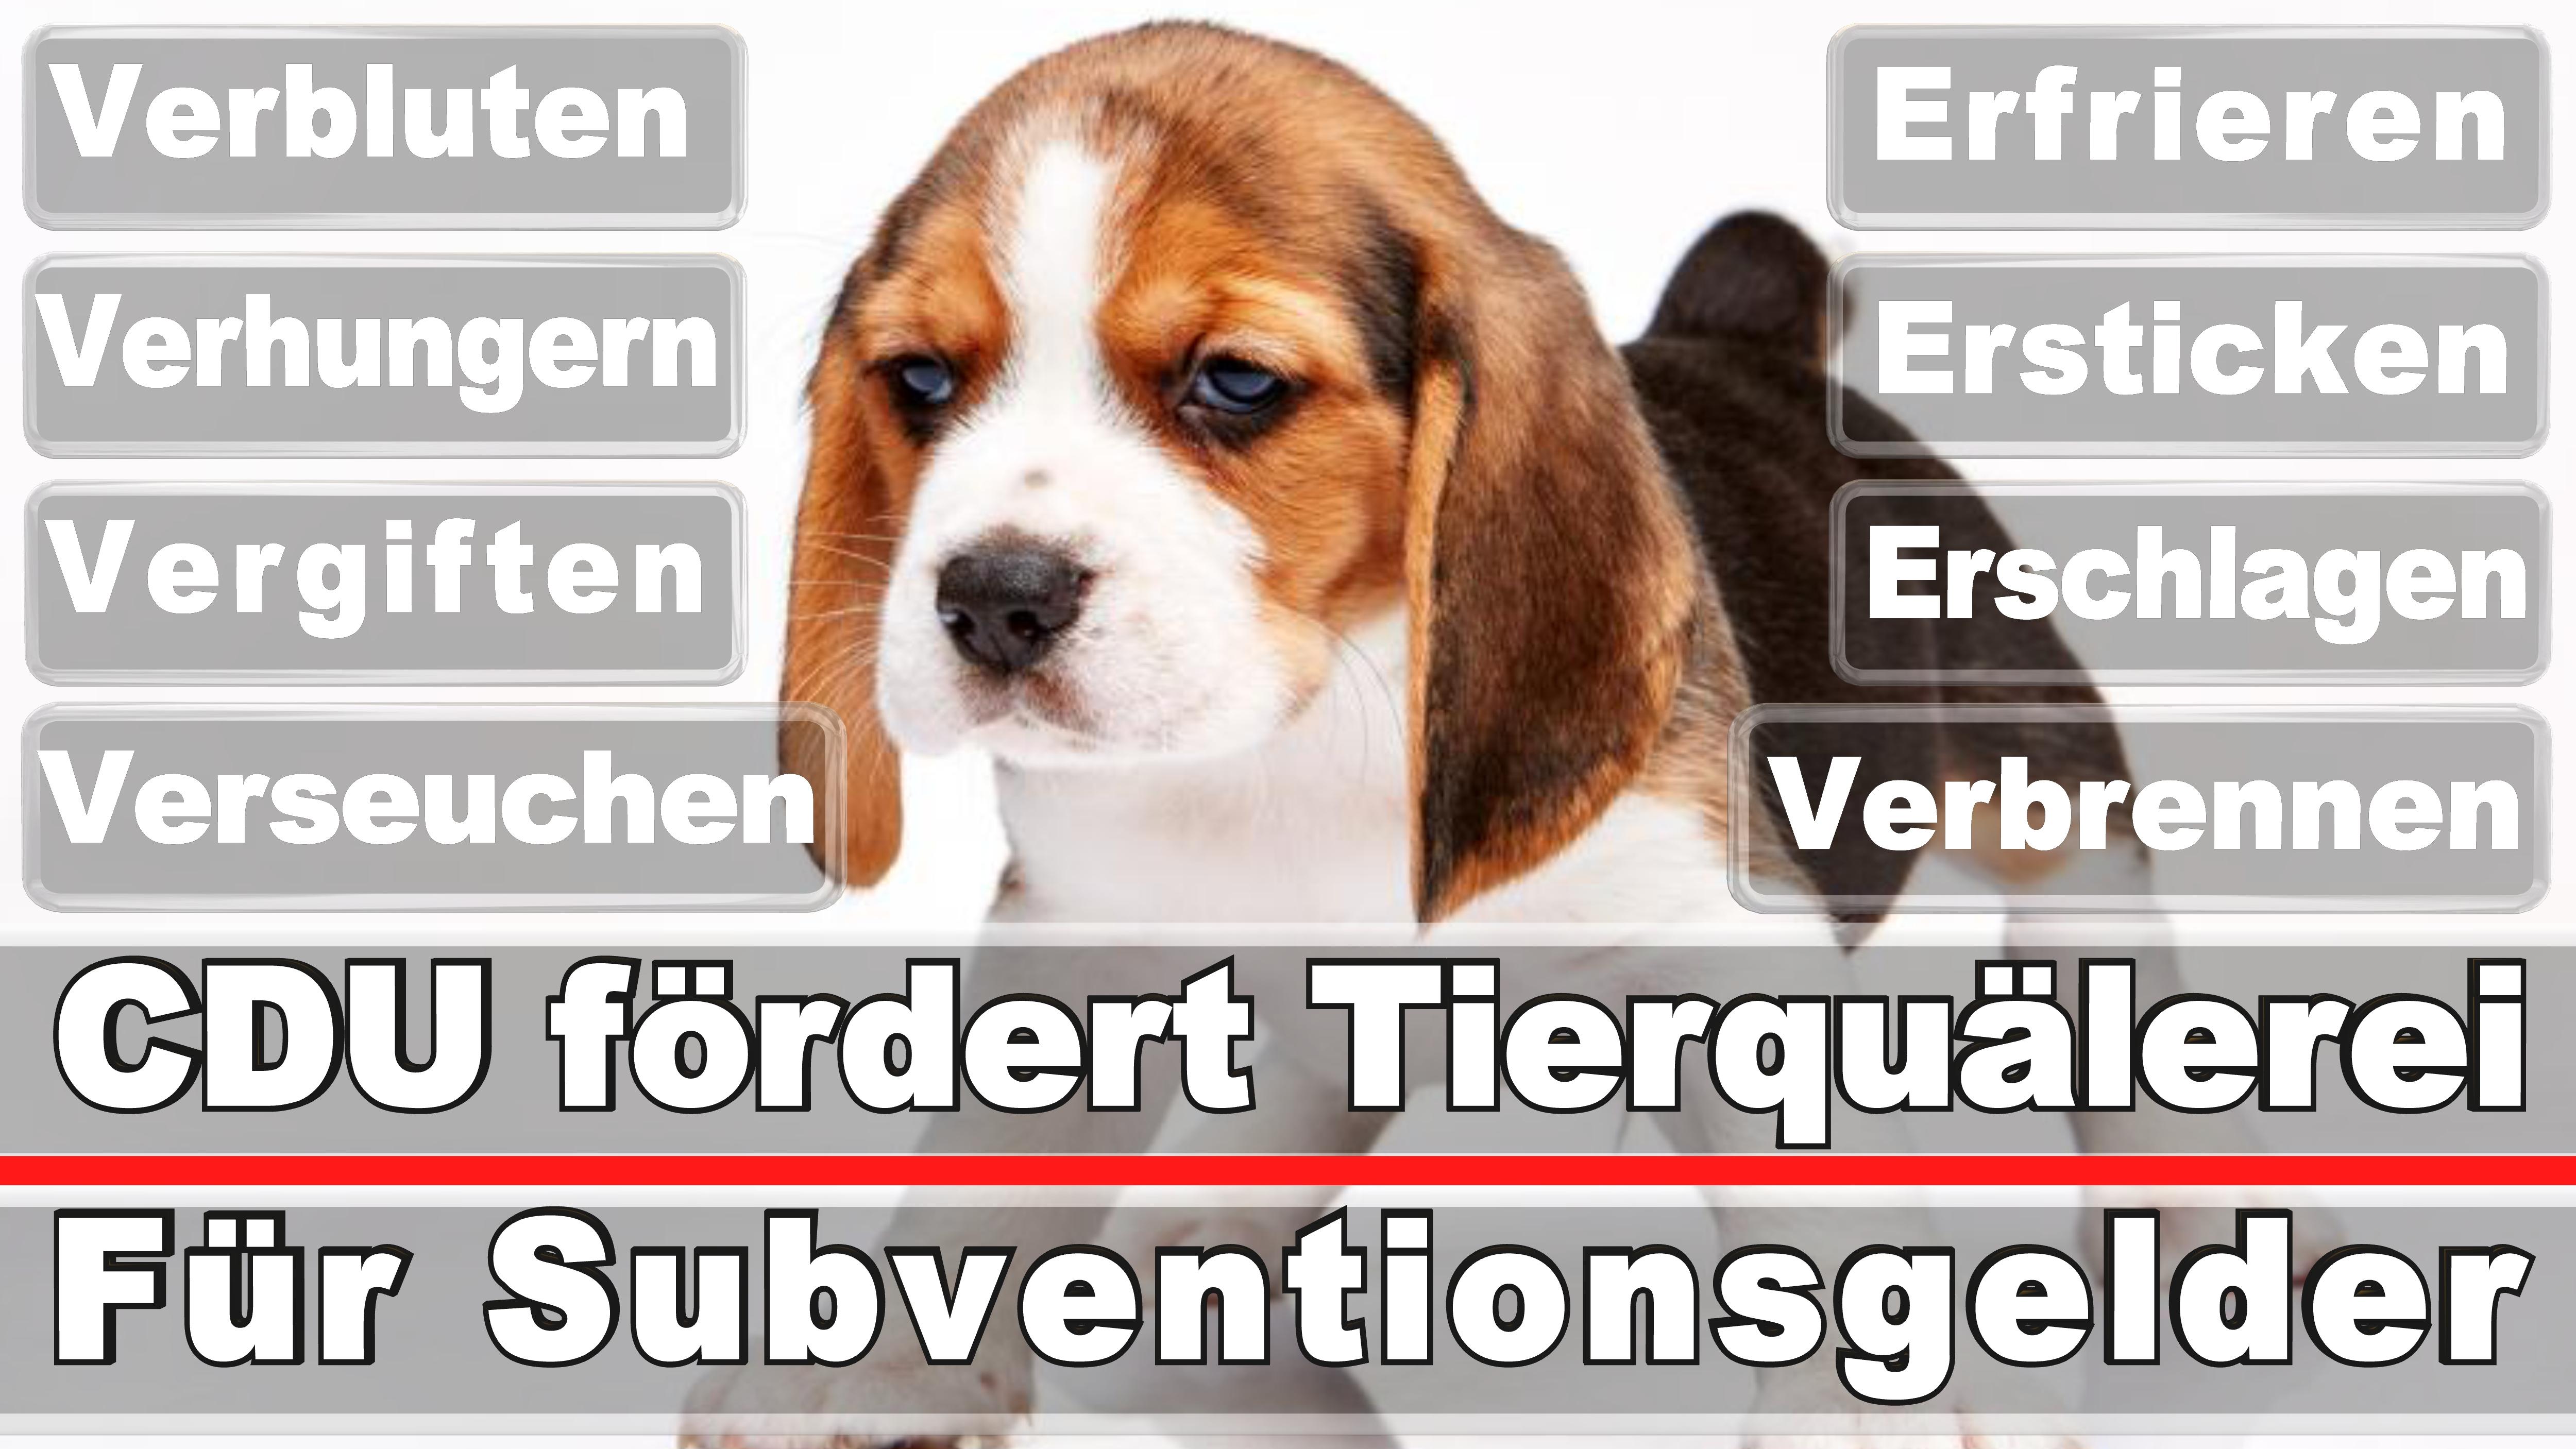 Landtagswahl-Bundestagswahl-CDU-SPD-FDP-AFD-Linke-Piraten (21)